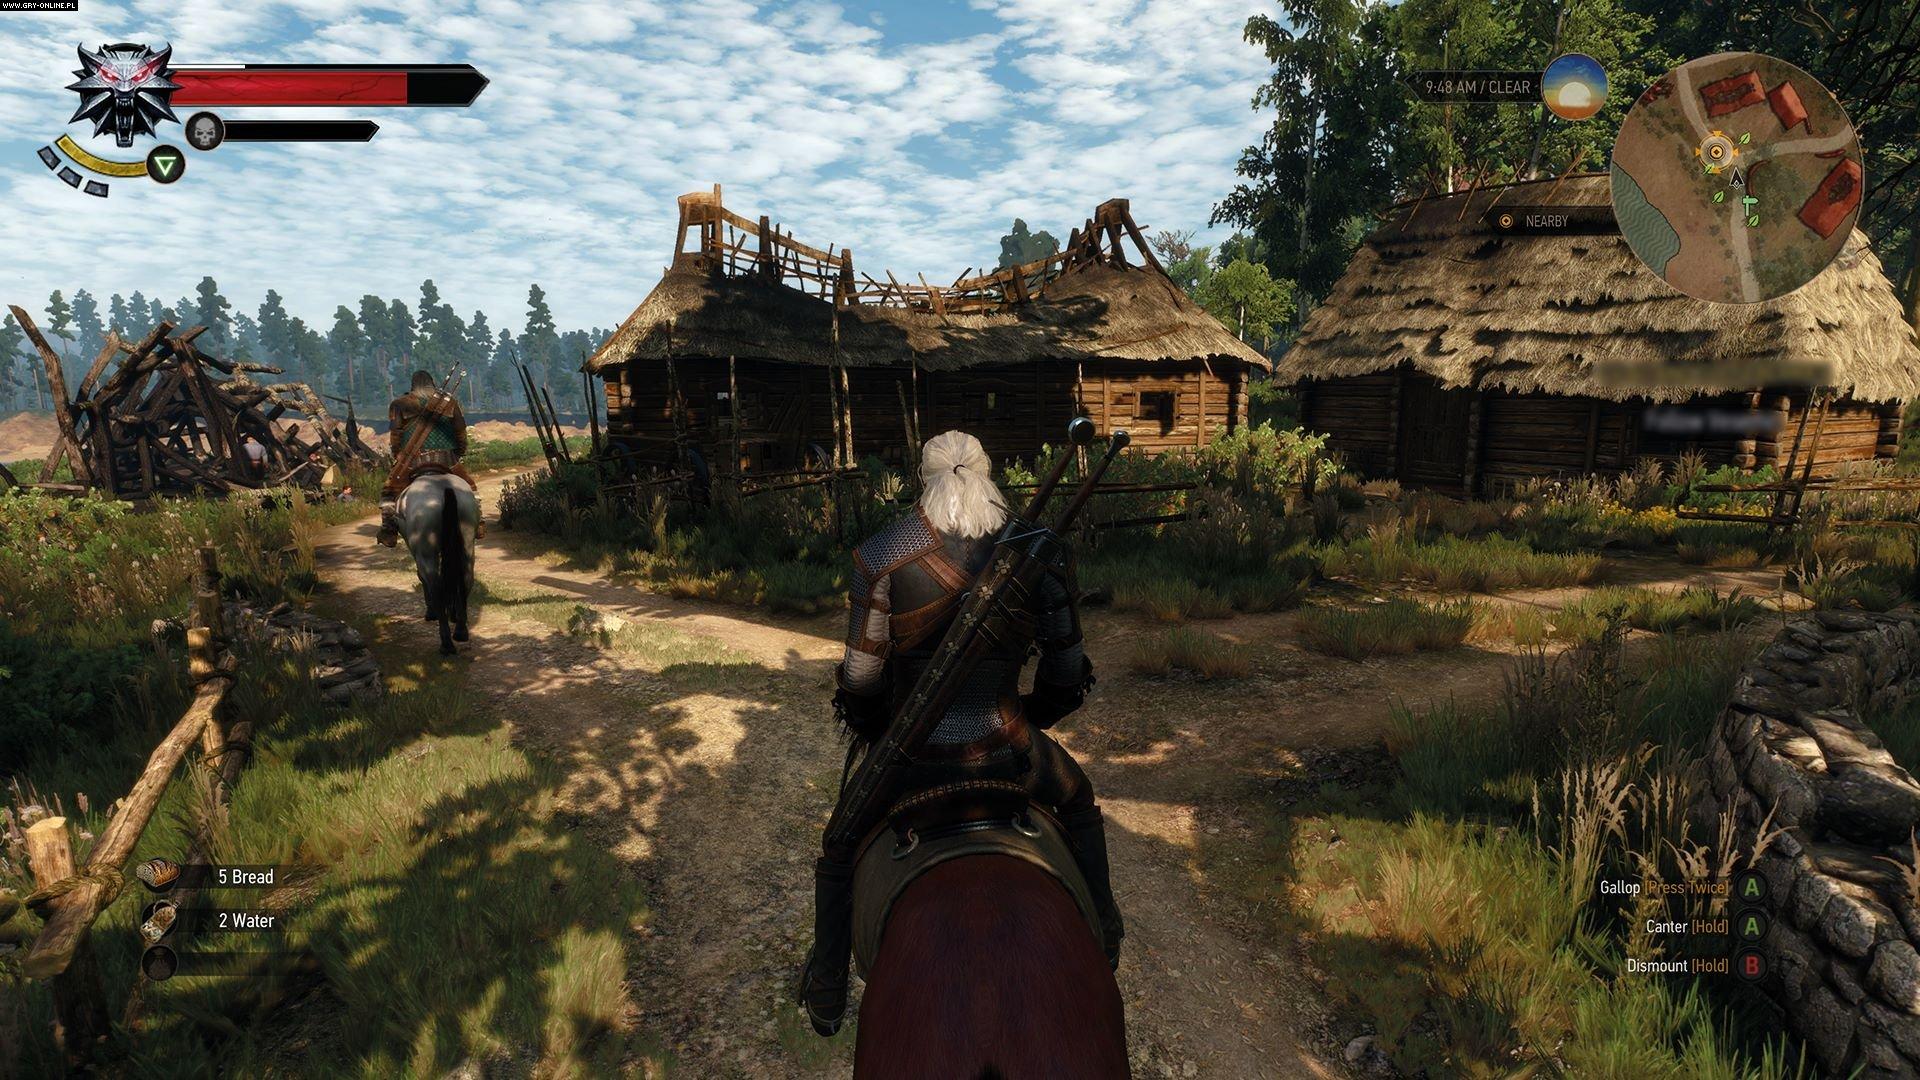 335010774.jpg - Witcher 3: Wild Hunt, the